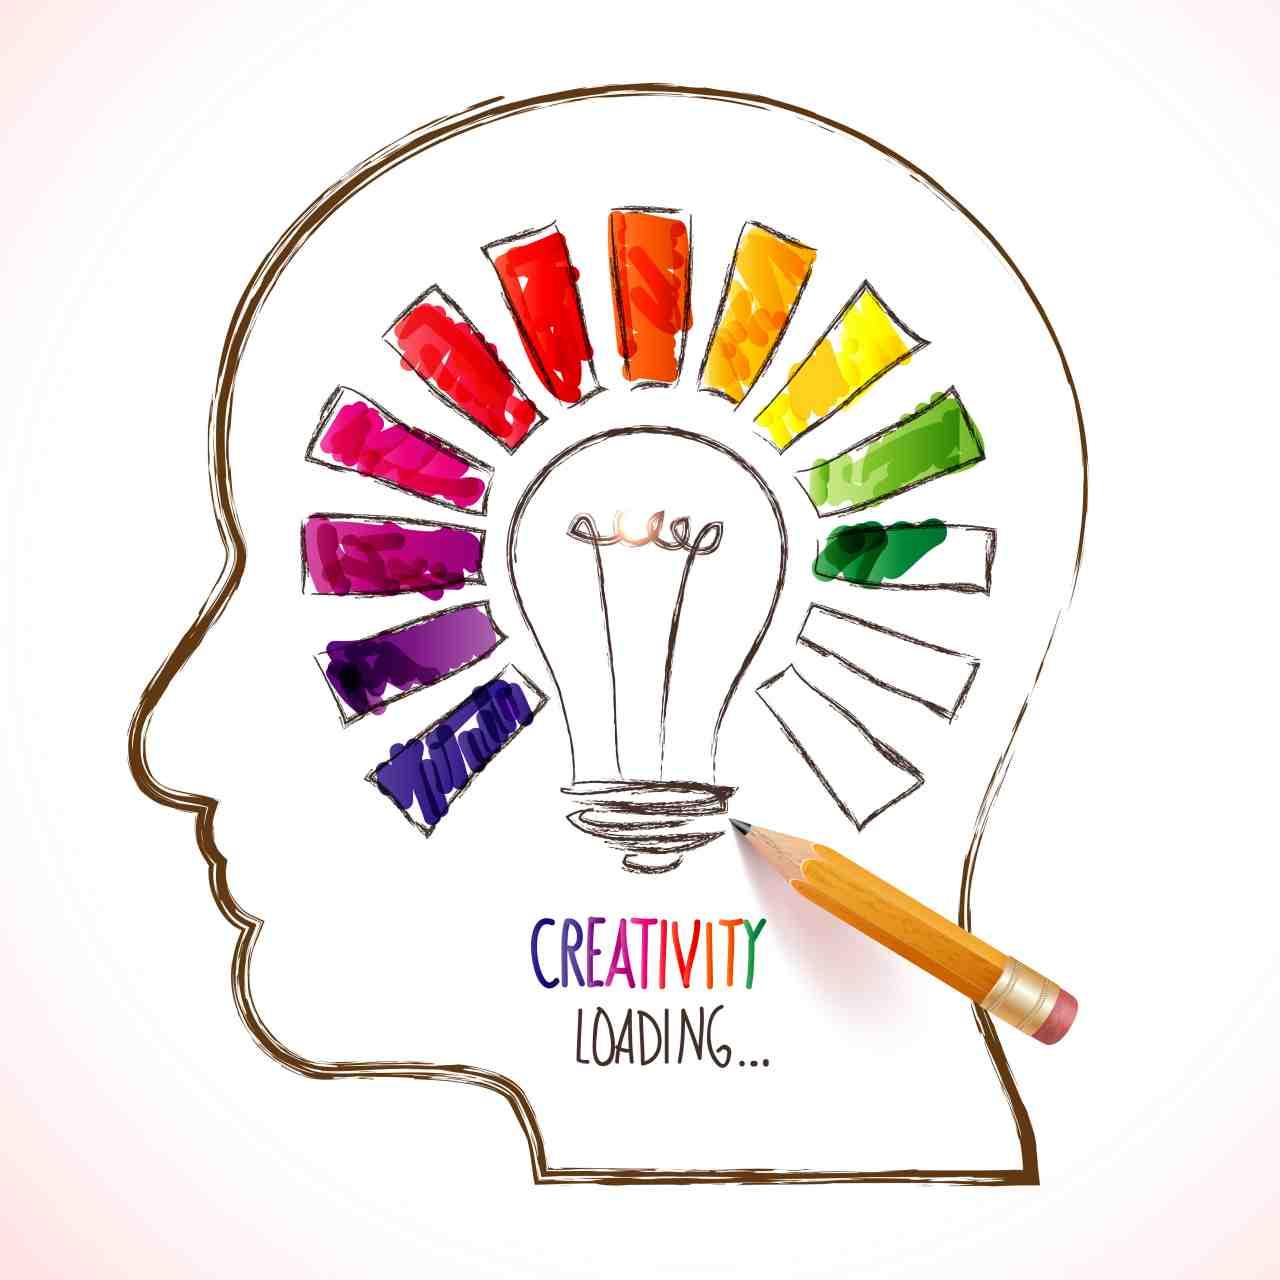 Píntate De Optimismo Y Creatividad: Creatividad: Cómo Ser Más Creativo De 9 Maneras Que Funcionan